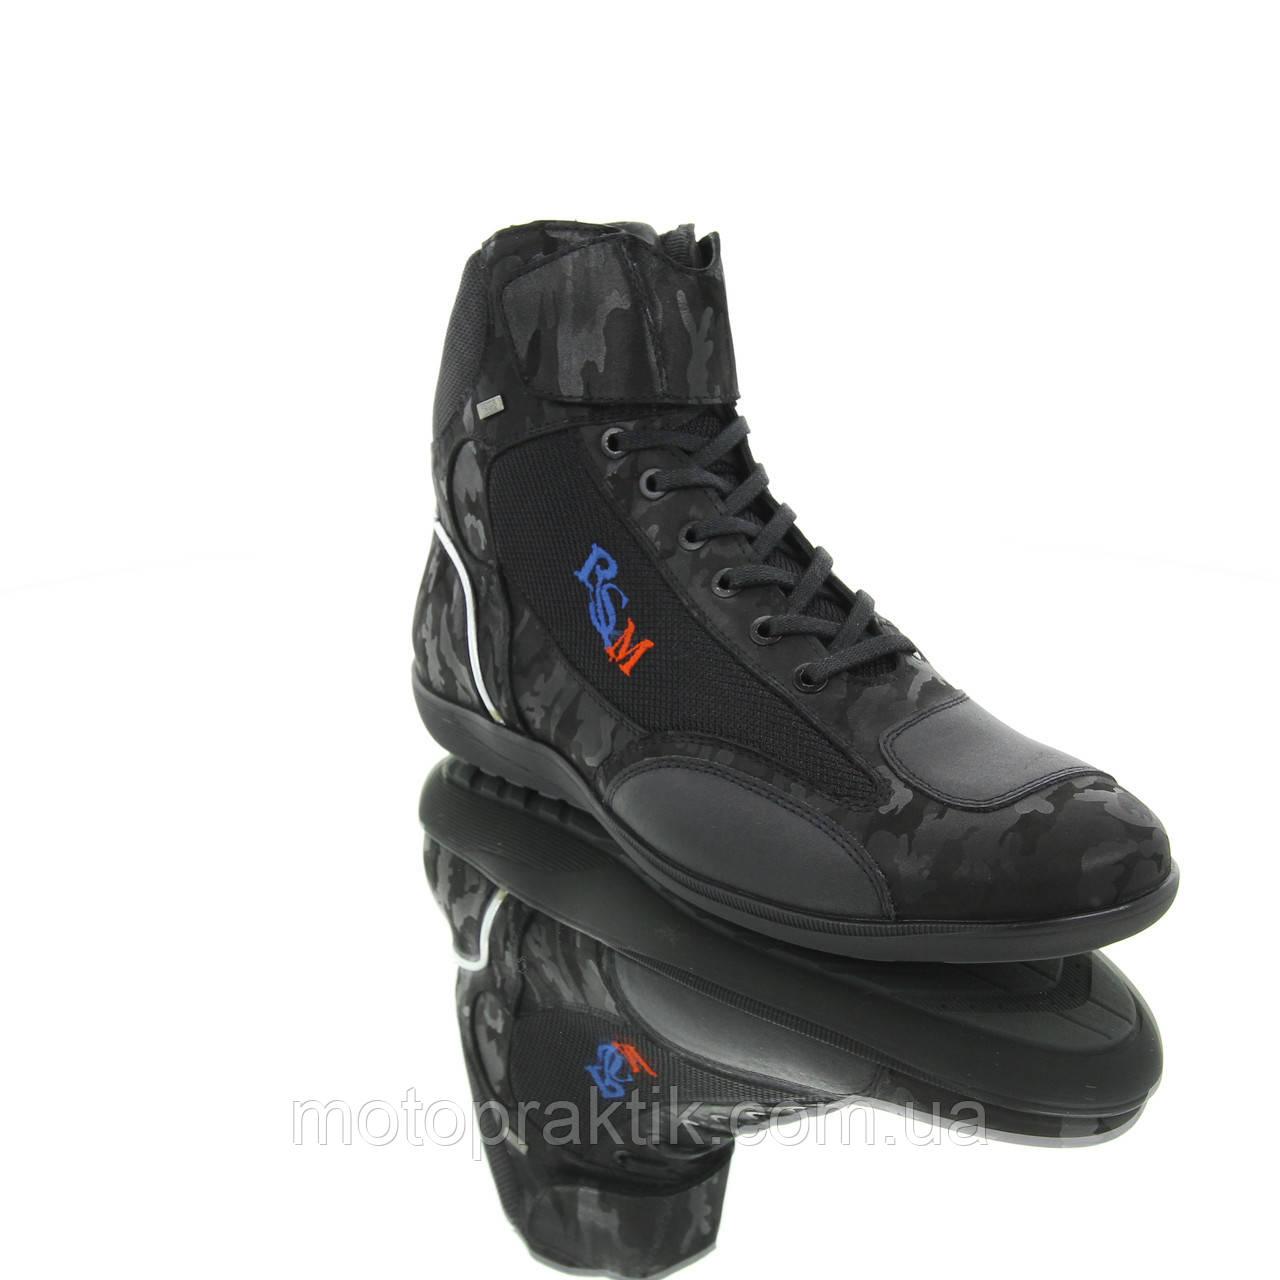 RSM StreetFighter Нубук, Черный, 44 - Мотоботинки кожаные